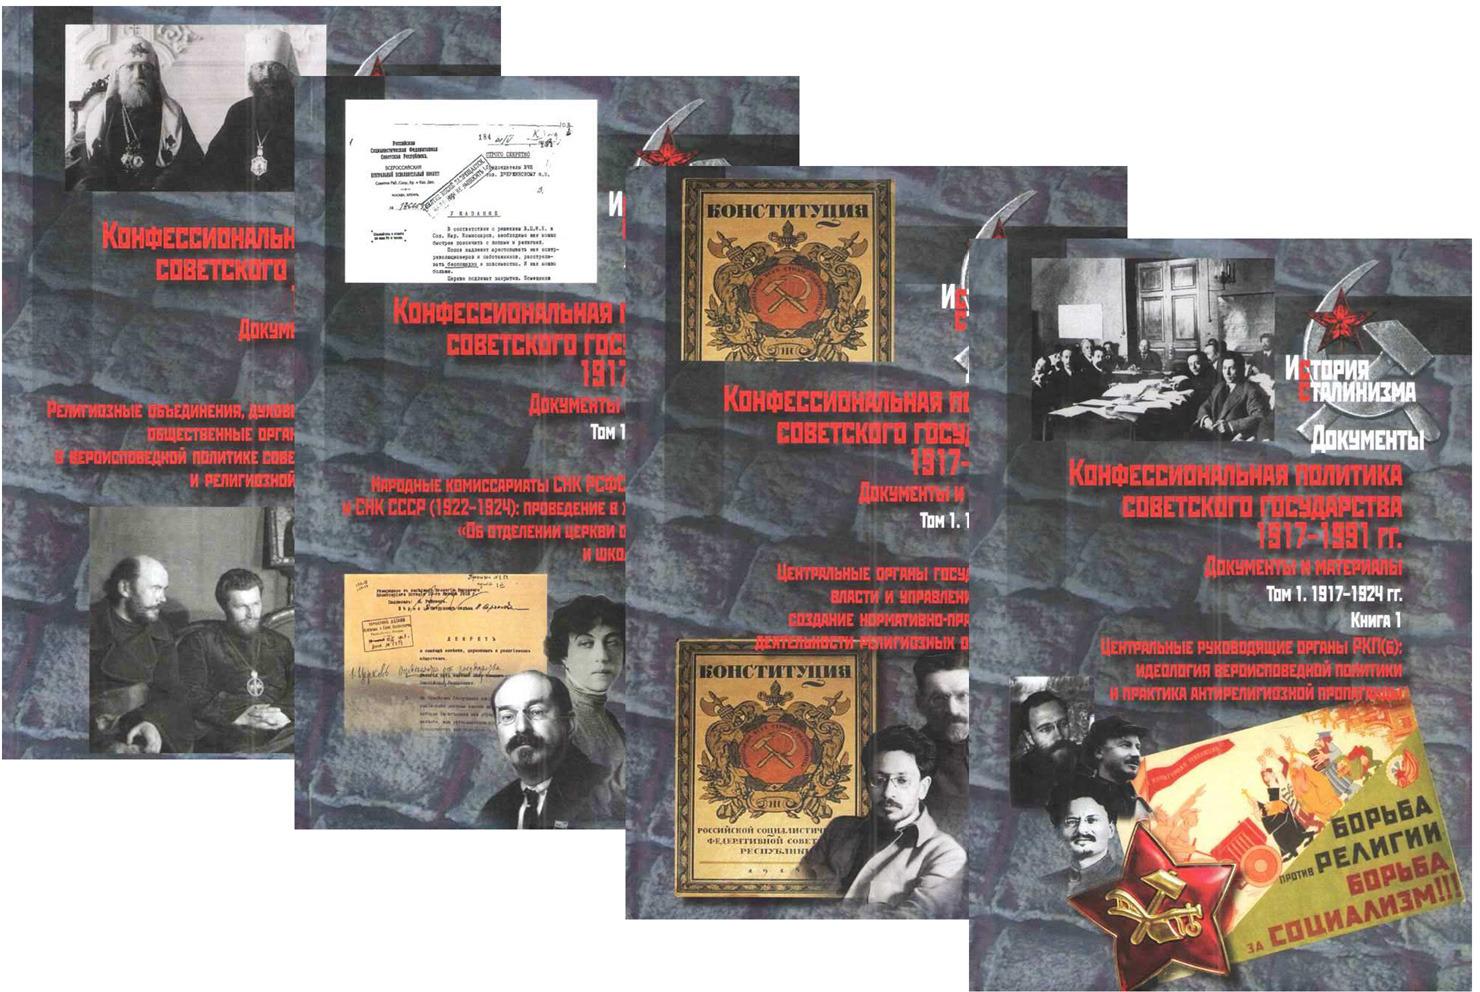 Конфессиональная политика советского государства 1917-1991 гг. Документы и материалы. В 6 томах. Том 1. В 4 книгах. 1917-1924 гг.